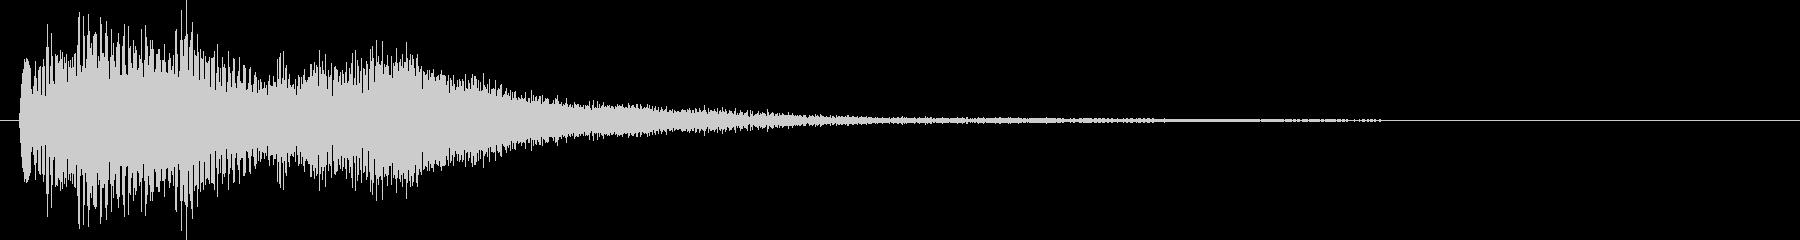 キラキラリ~ン 優しいオルゴール音の未再生の波形